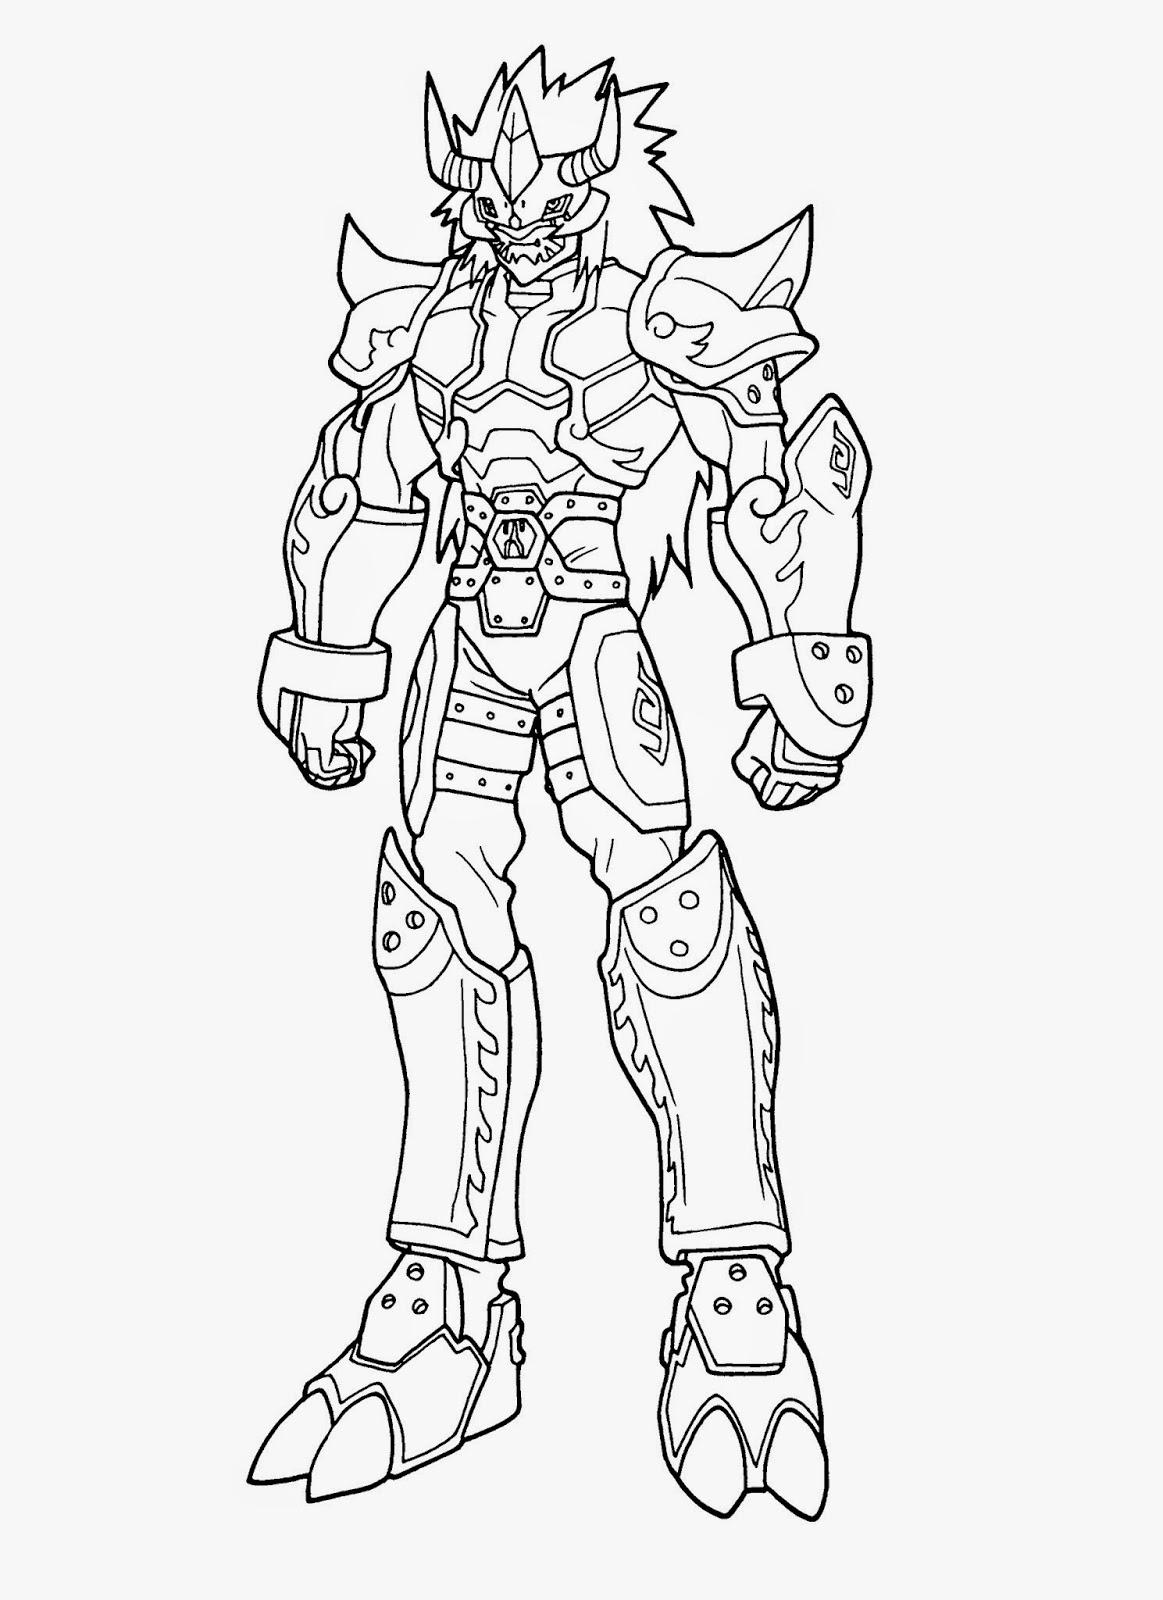 digimon data squad coloring pages   Desenhos para Colorir e Imprimir: Desenhos Digimon para ...